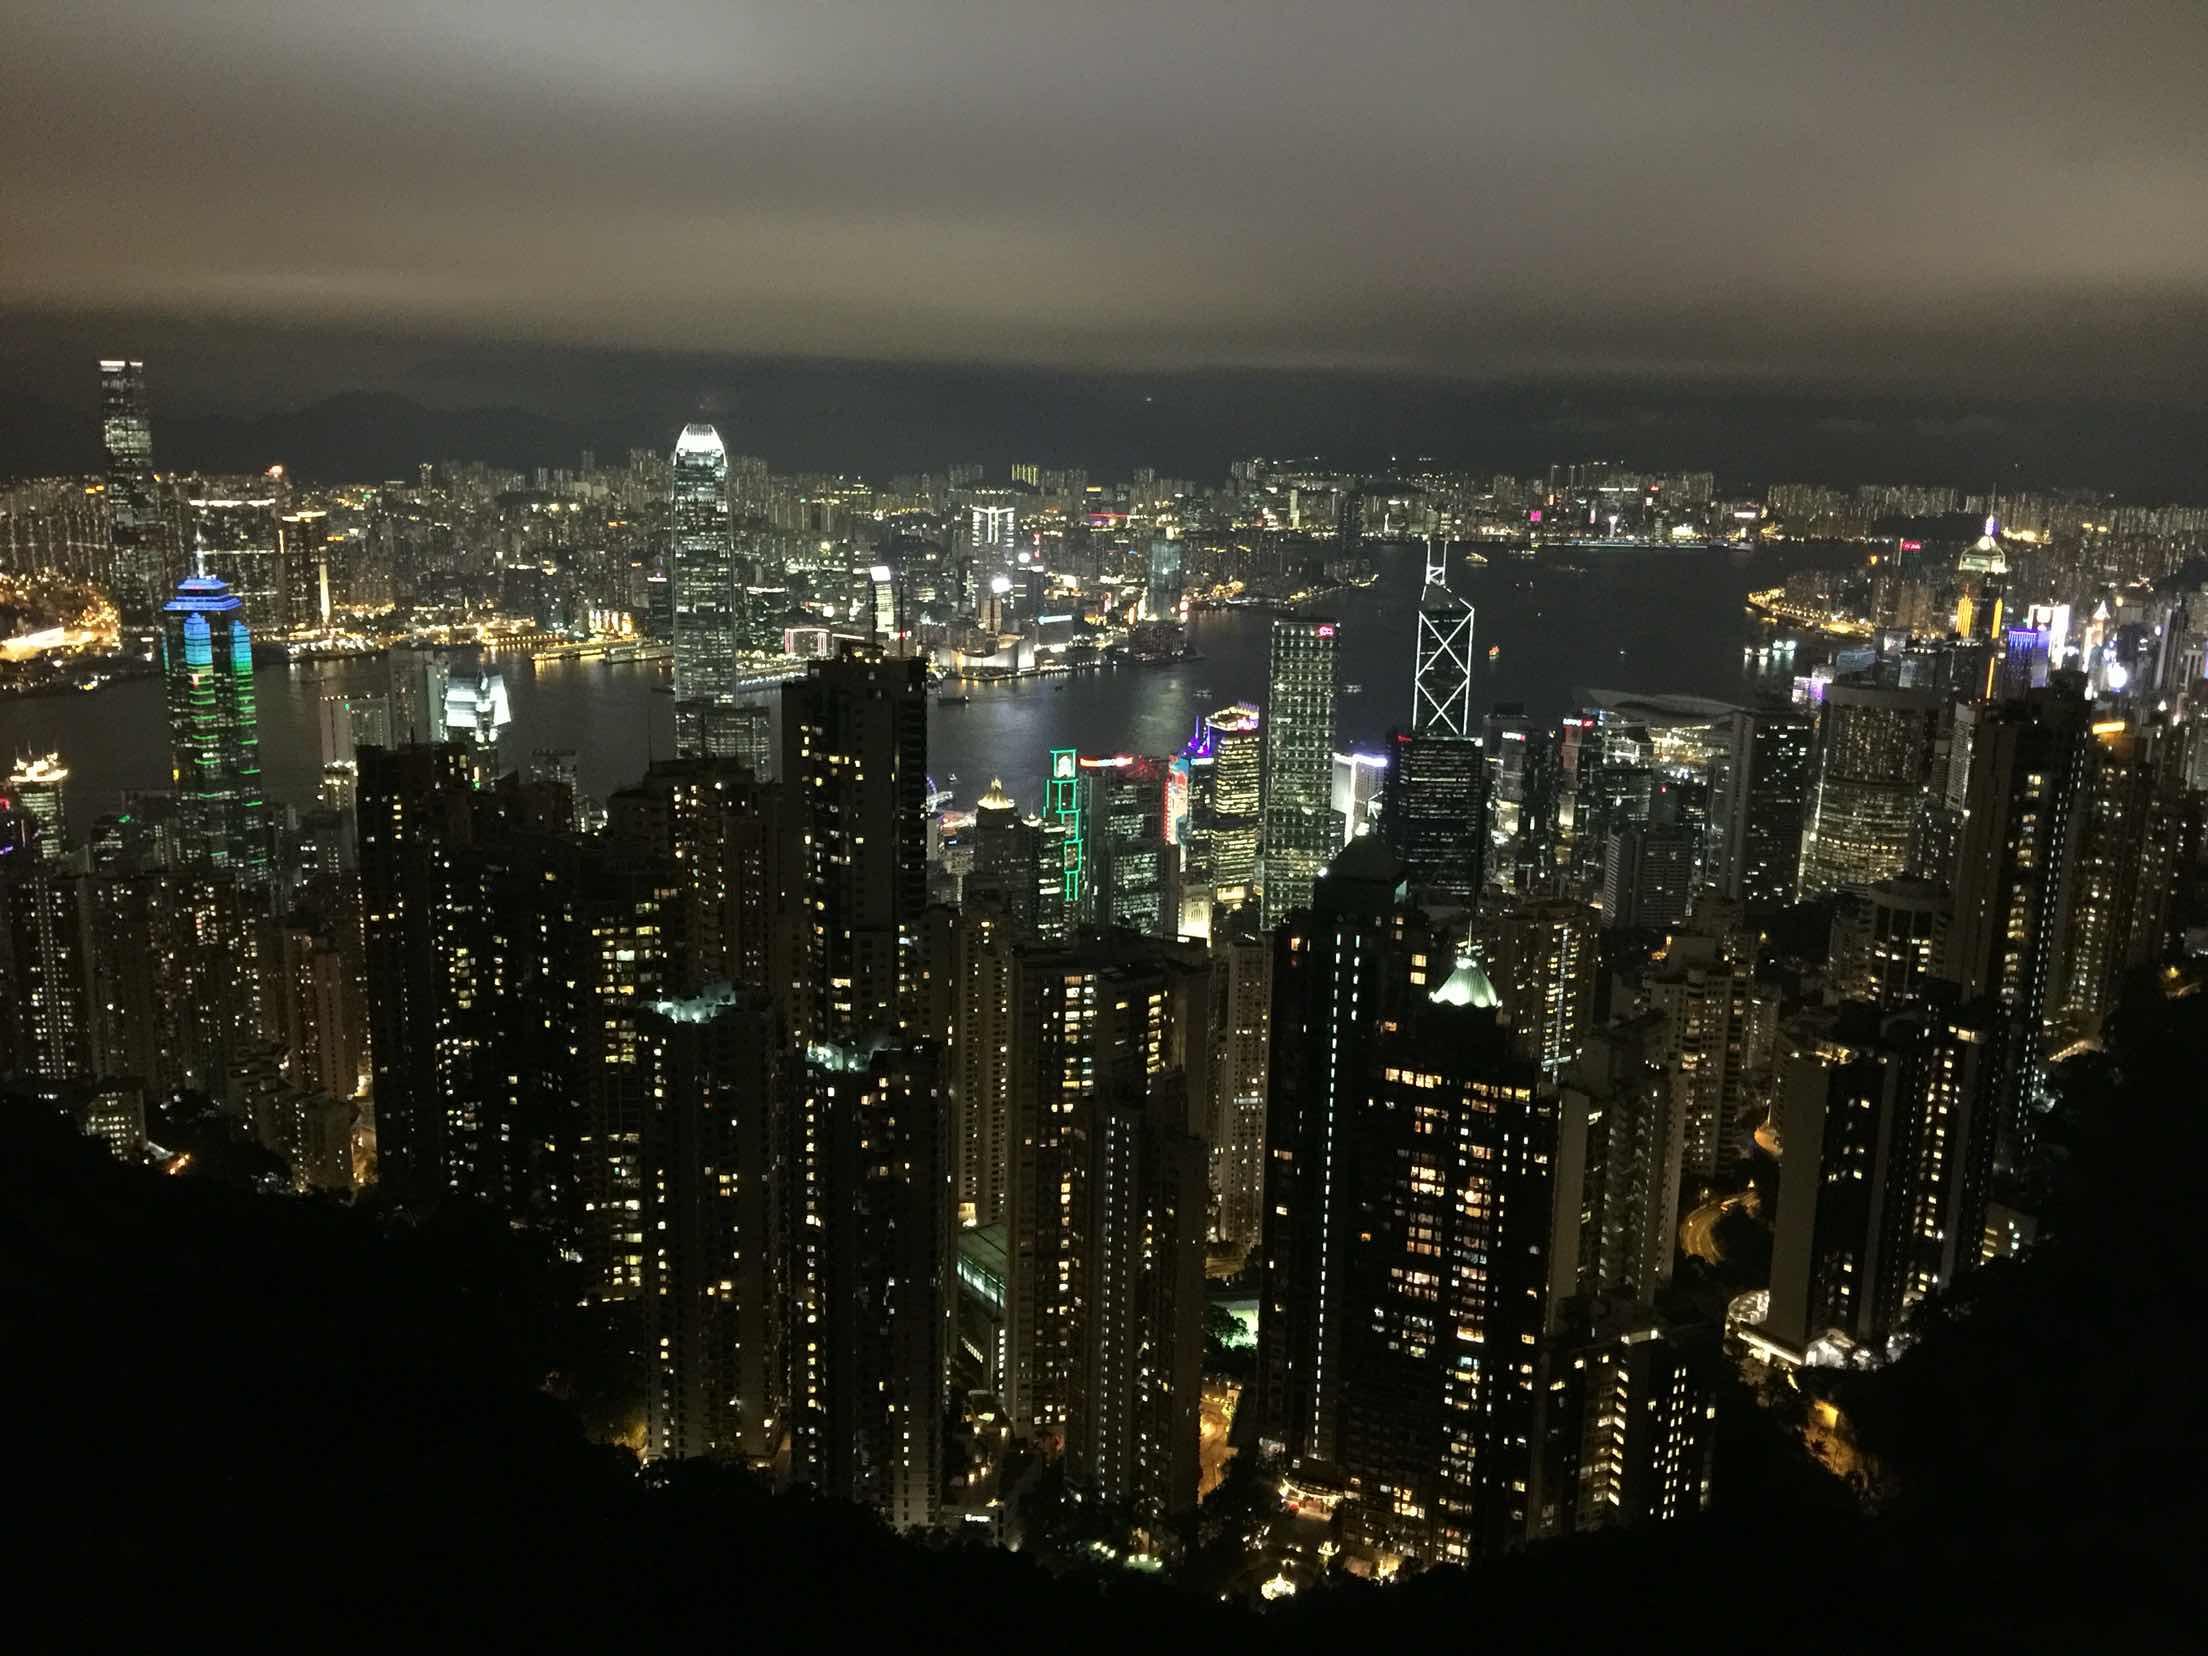 香港成人资源分享_香港杜莎夫人蜡像馆+太平山缆车单程+摩天台成人票(电子票,无需快递)